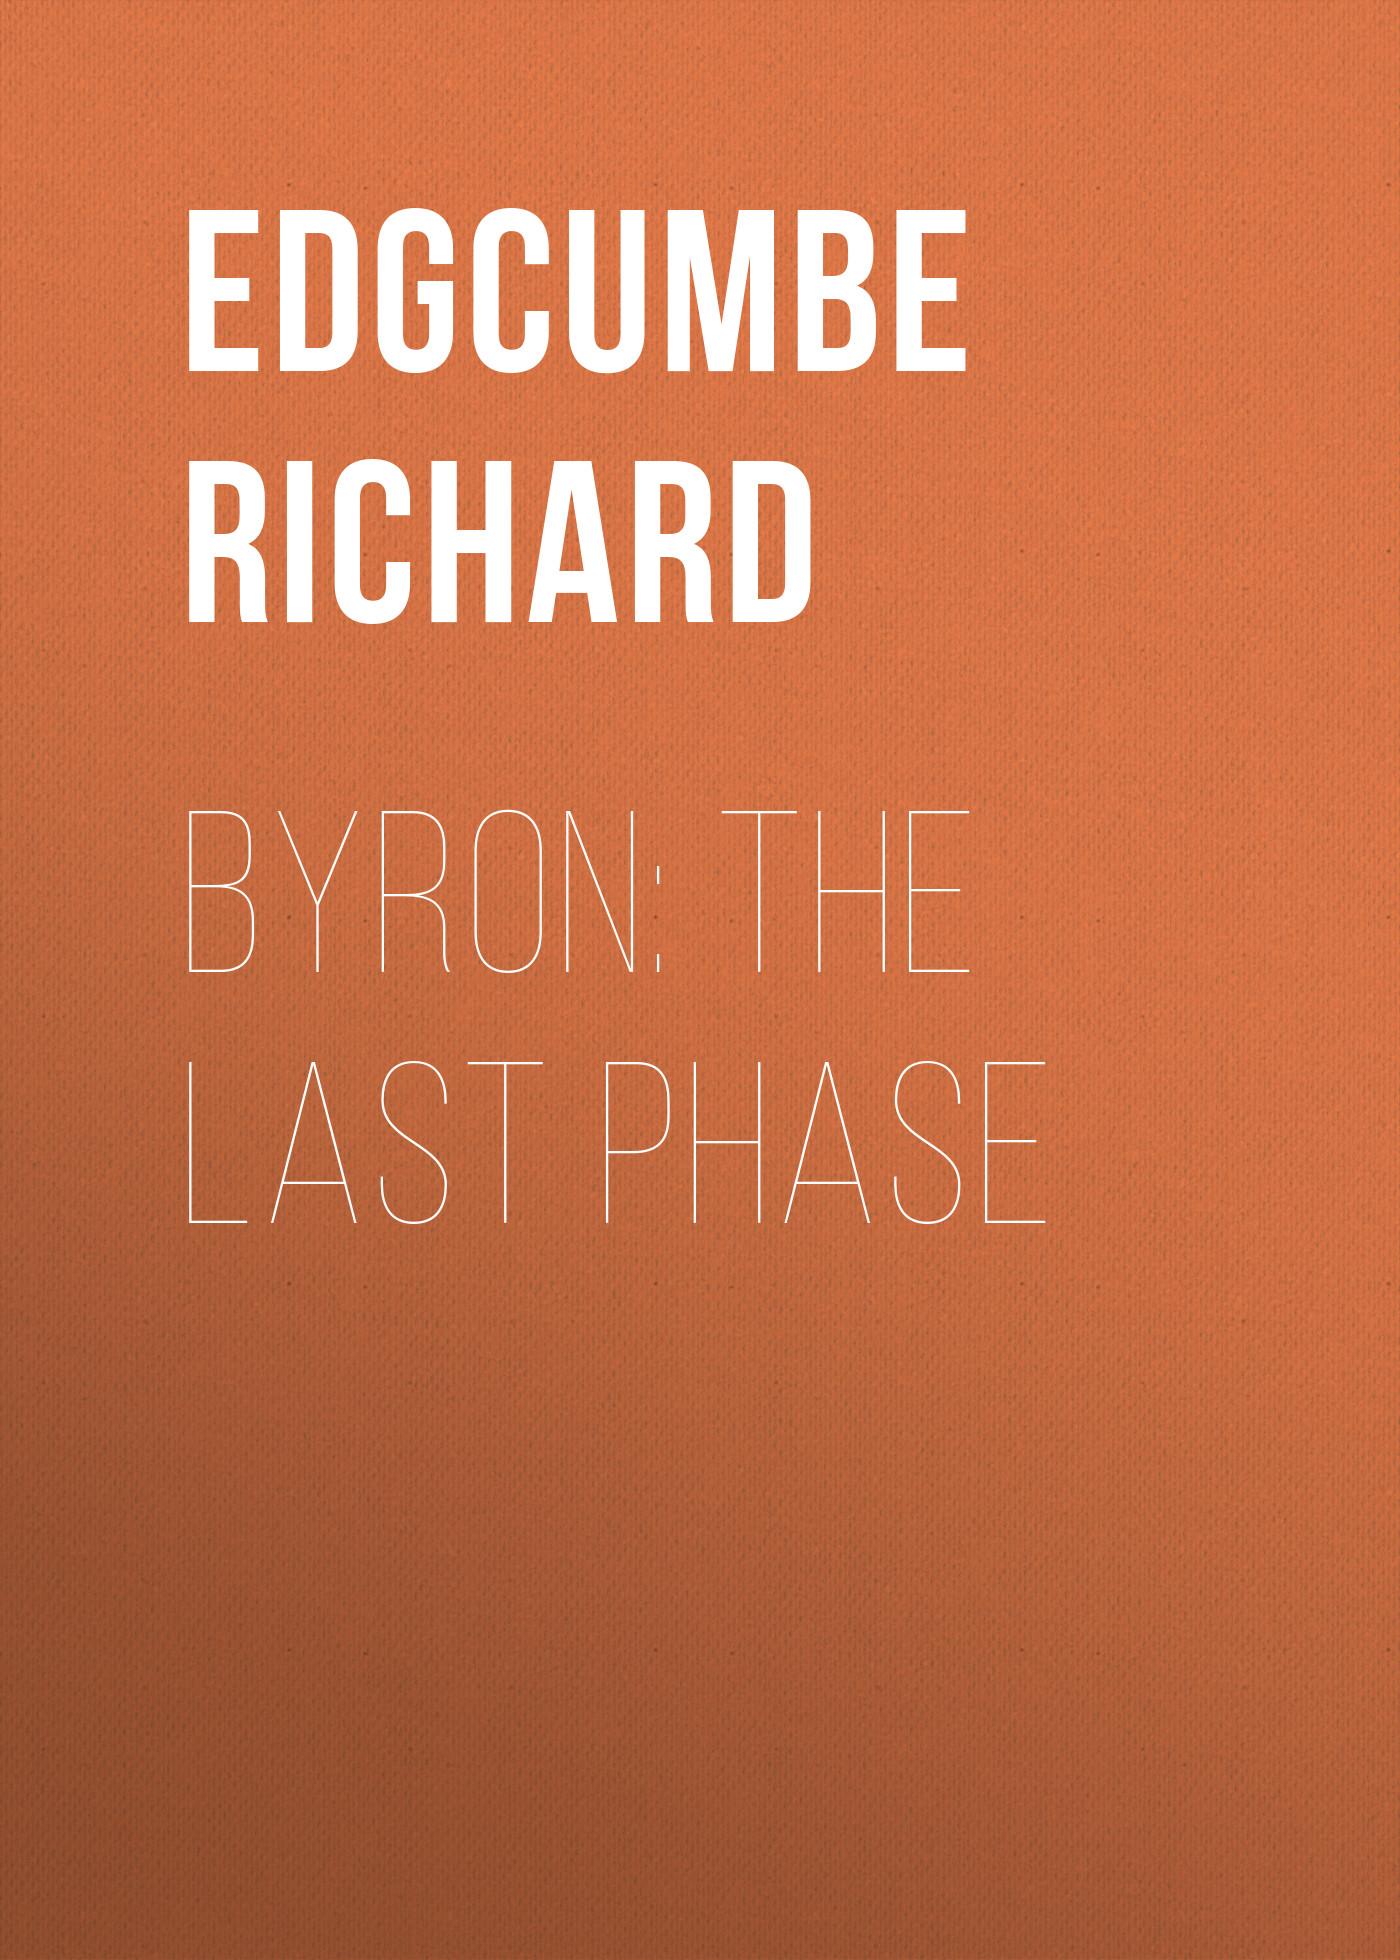 Edgcumbe Richard Byron: The Last Phase ralph leighton tuva or bust – richard feynman s last journey